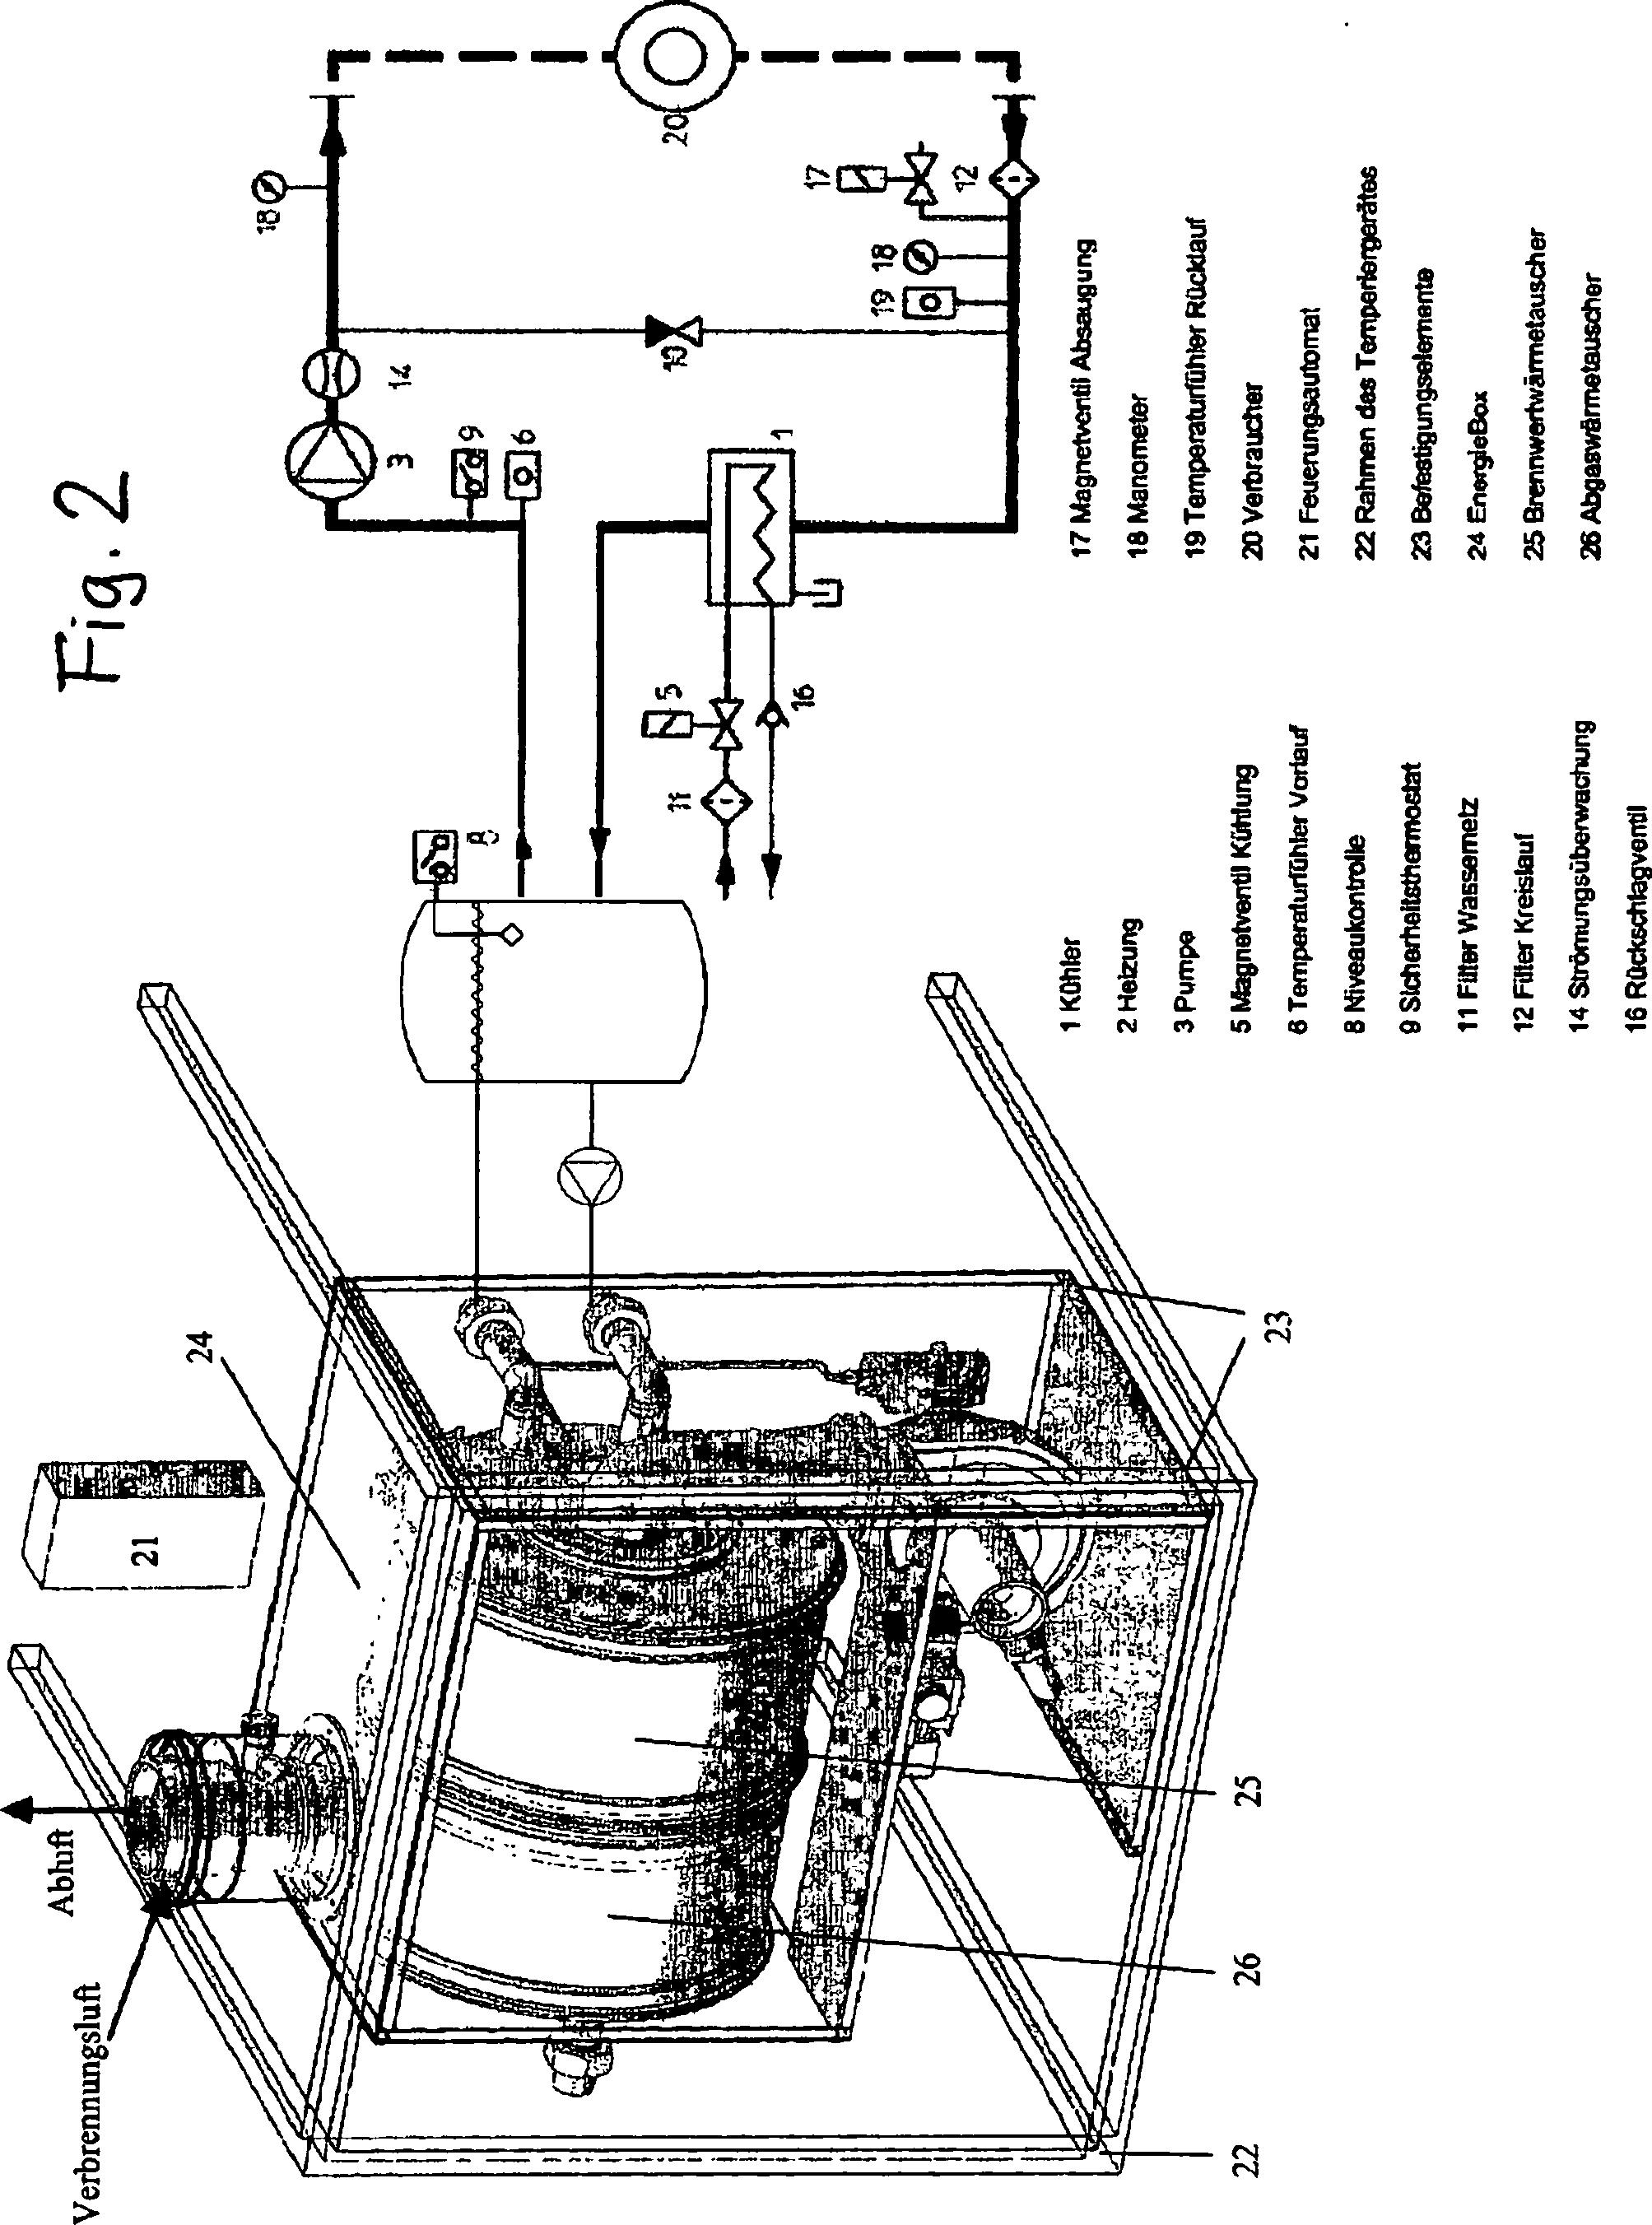 patent de102009049124a1 gasbeheizter durchlauferhitzer und temperierger t mit einem. Black Bedroom Furniture Sets. Home Design Ideas